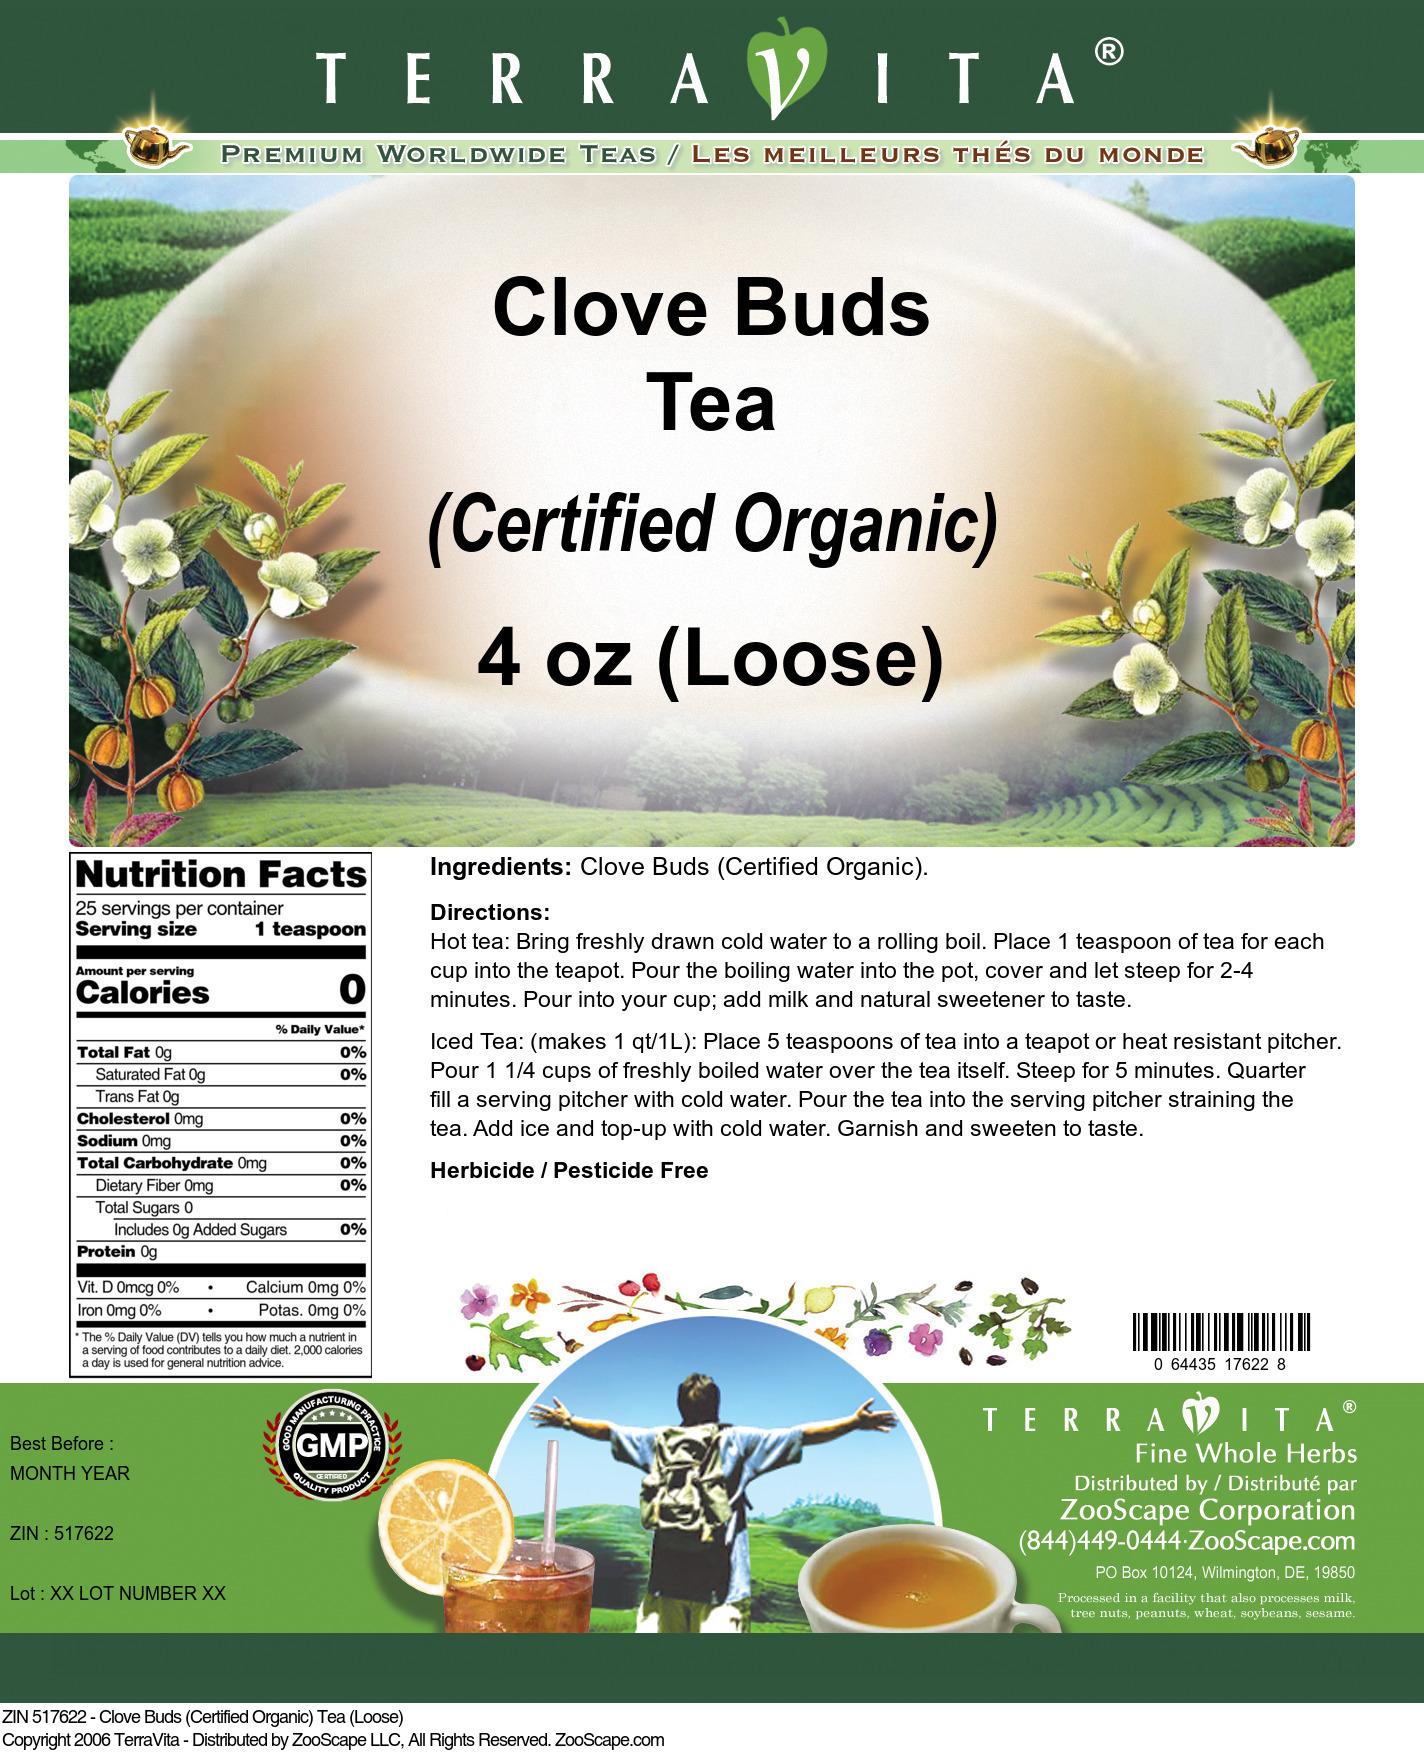 Clove Buds (Certified Organic) Tea (Loose)